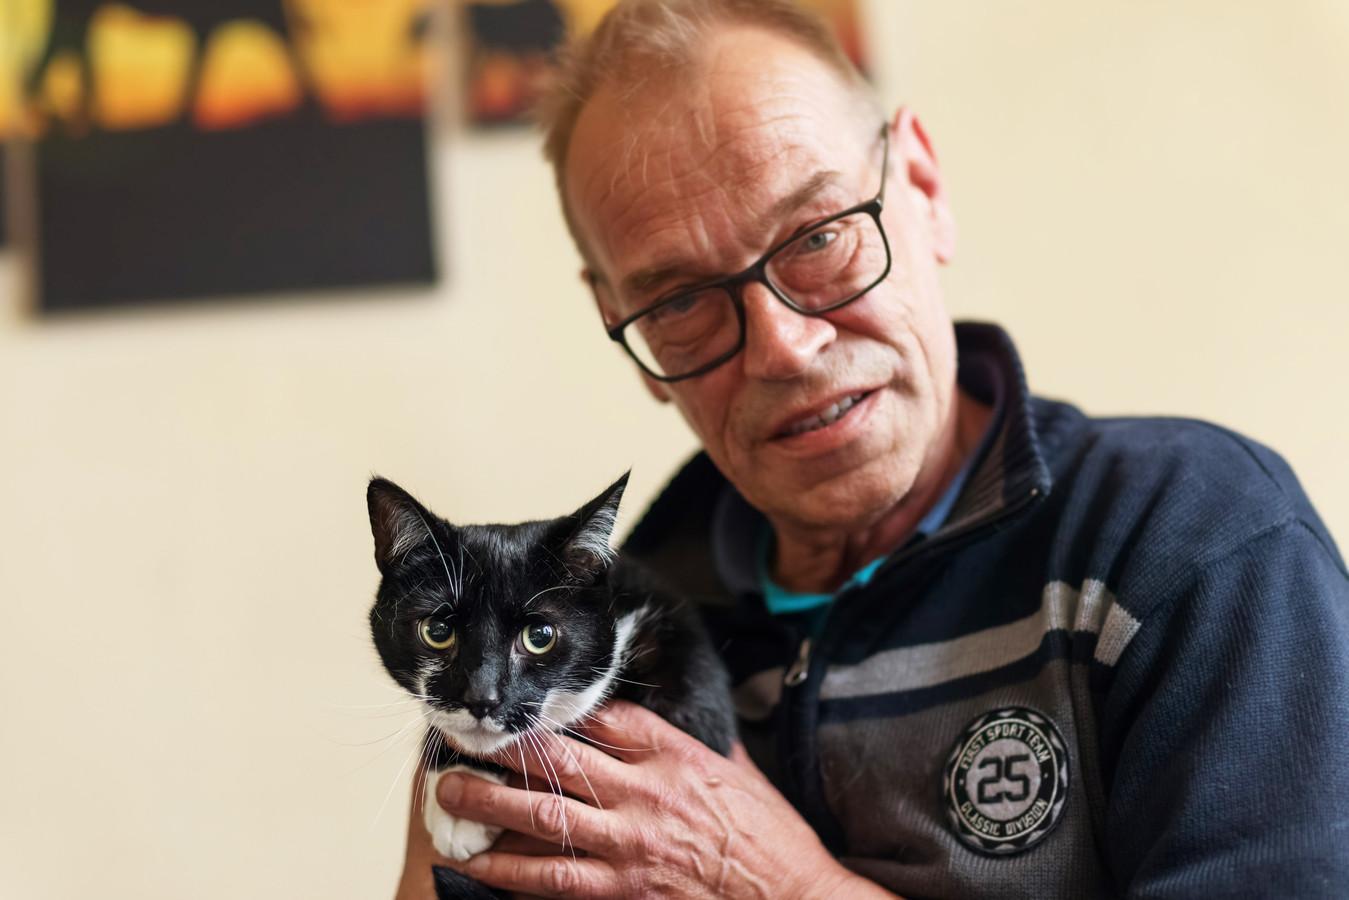 De kat Jip van John van Hal is vlakbij huis beschoten met een 5,5mm luchtbuks.